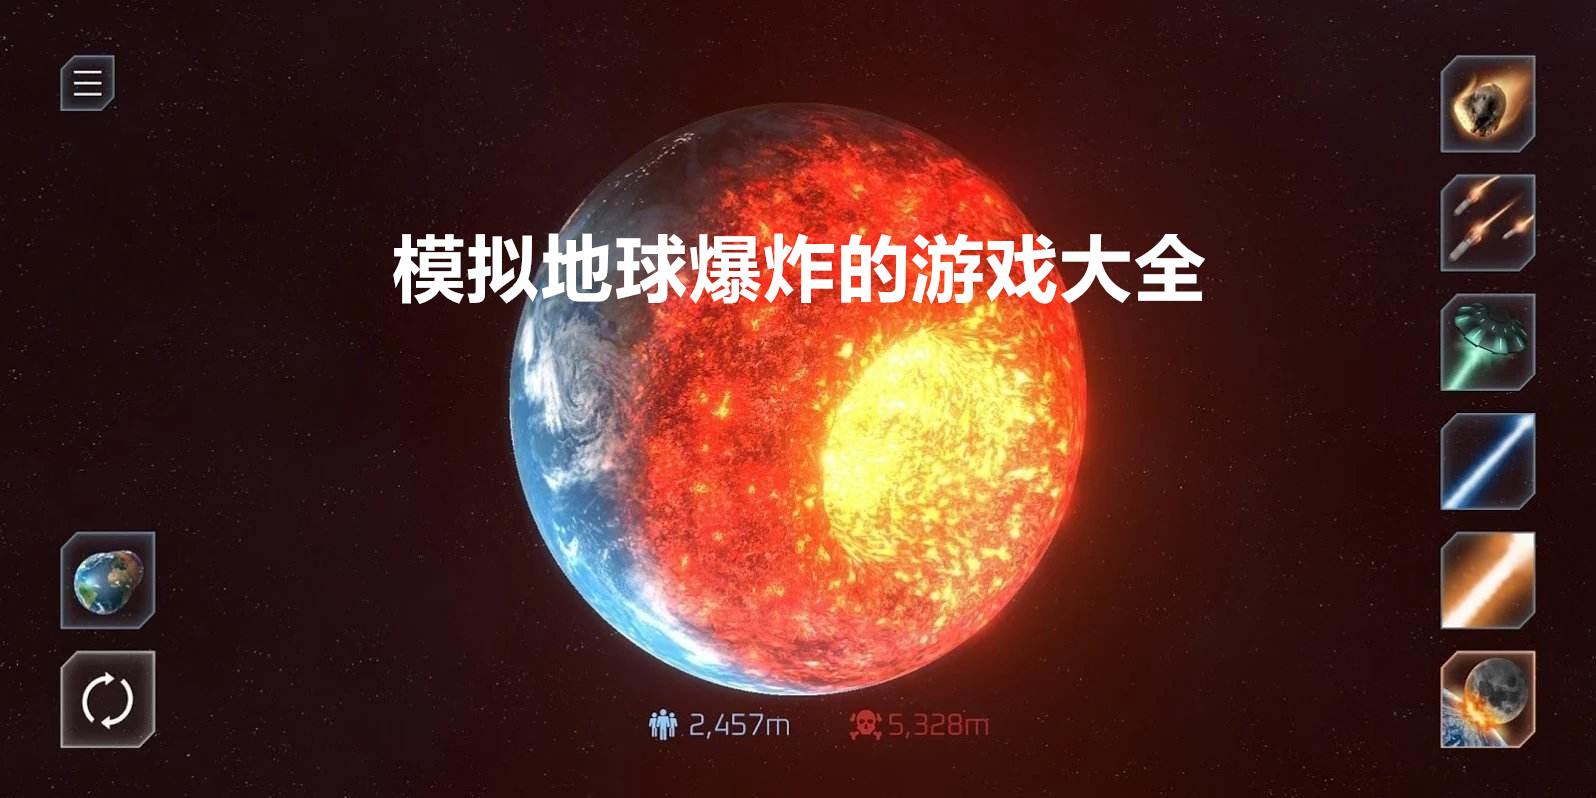 模拟地球爆炸的游戏大全